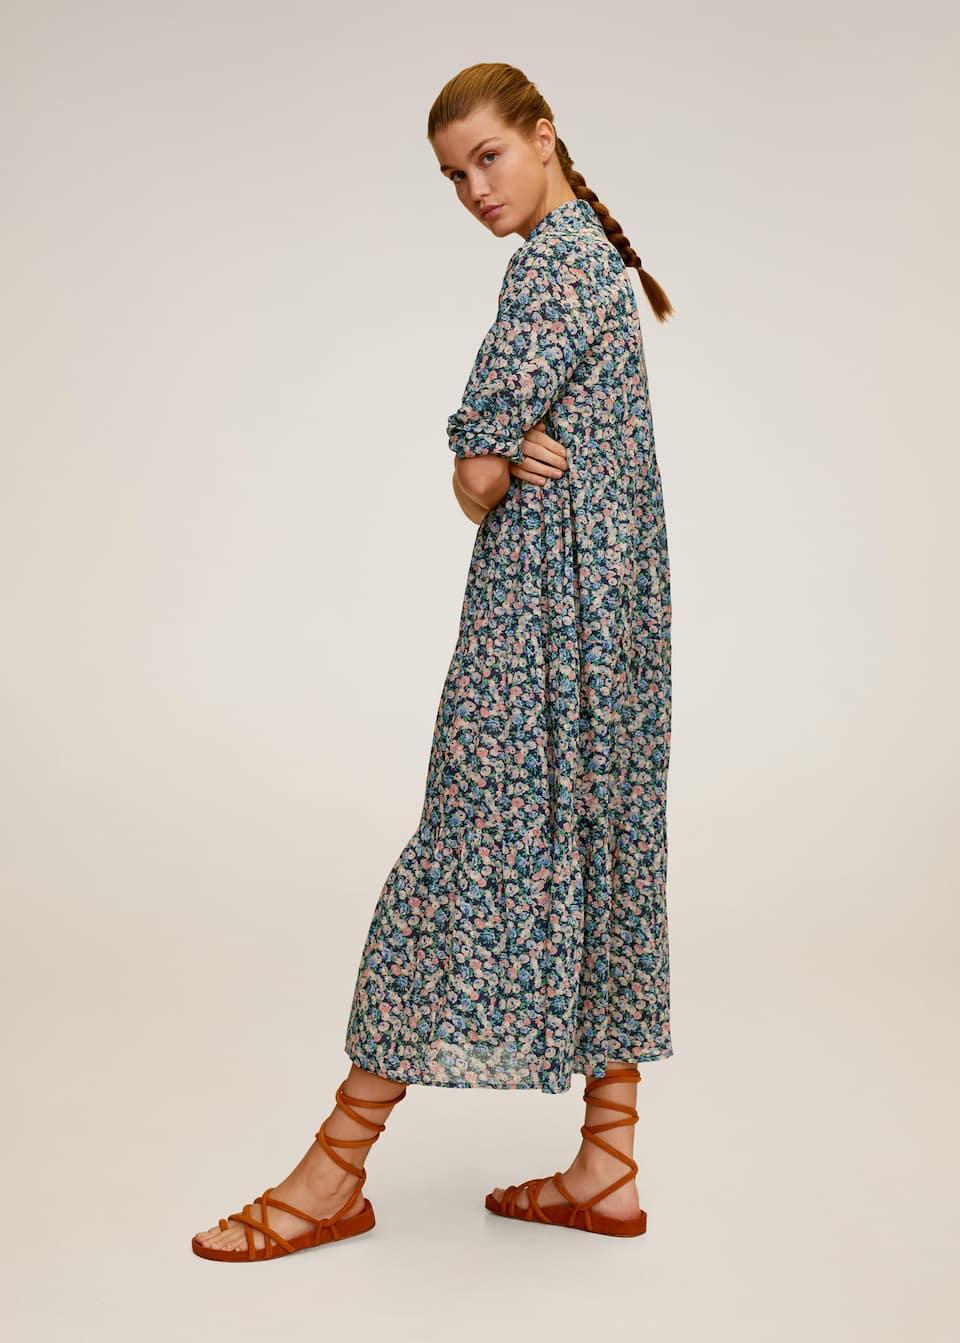 Floral print long dress - General plane